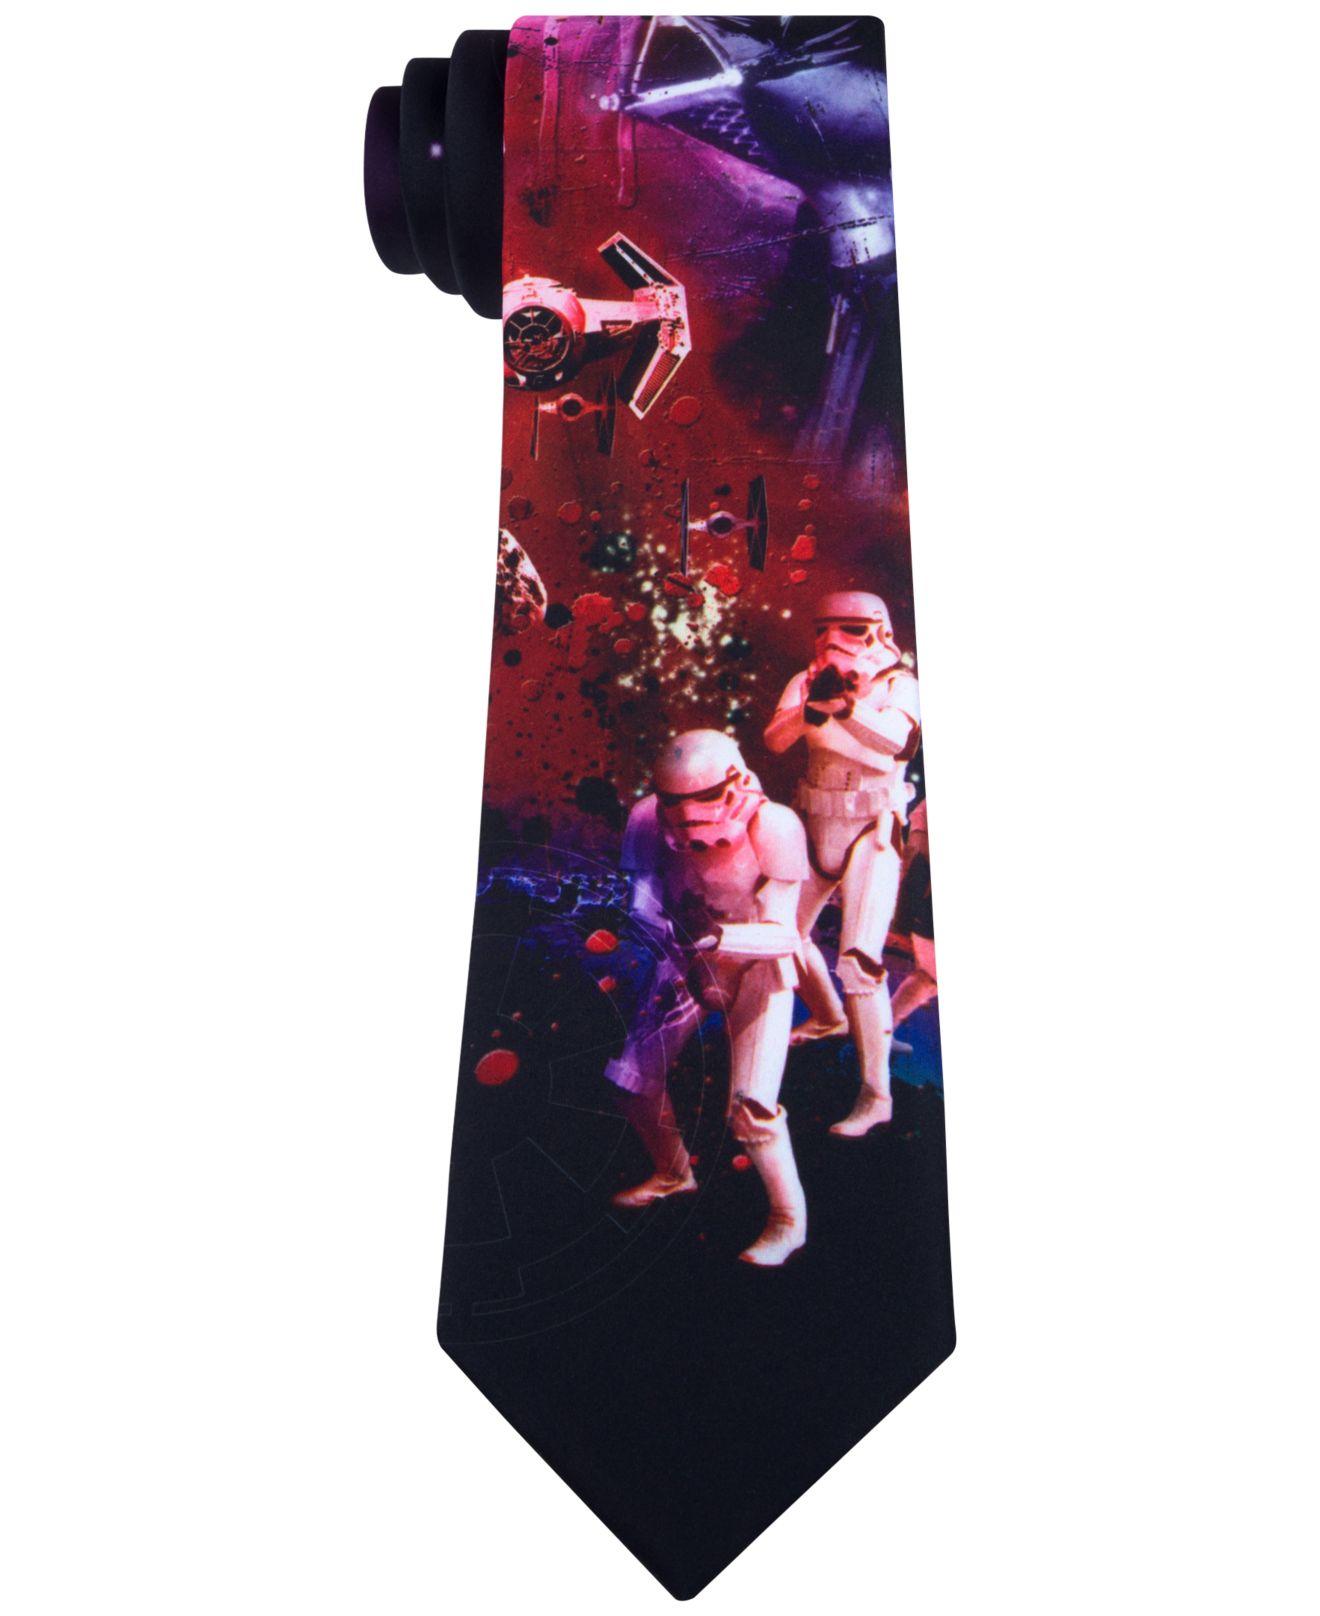 Lyst - Star Wars Death Star Attack Tie in Purple for Men